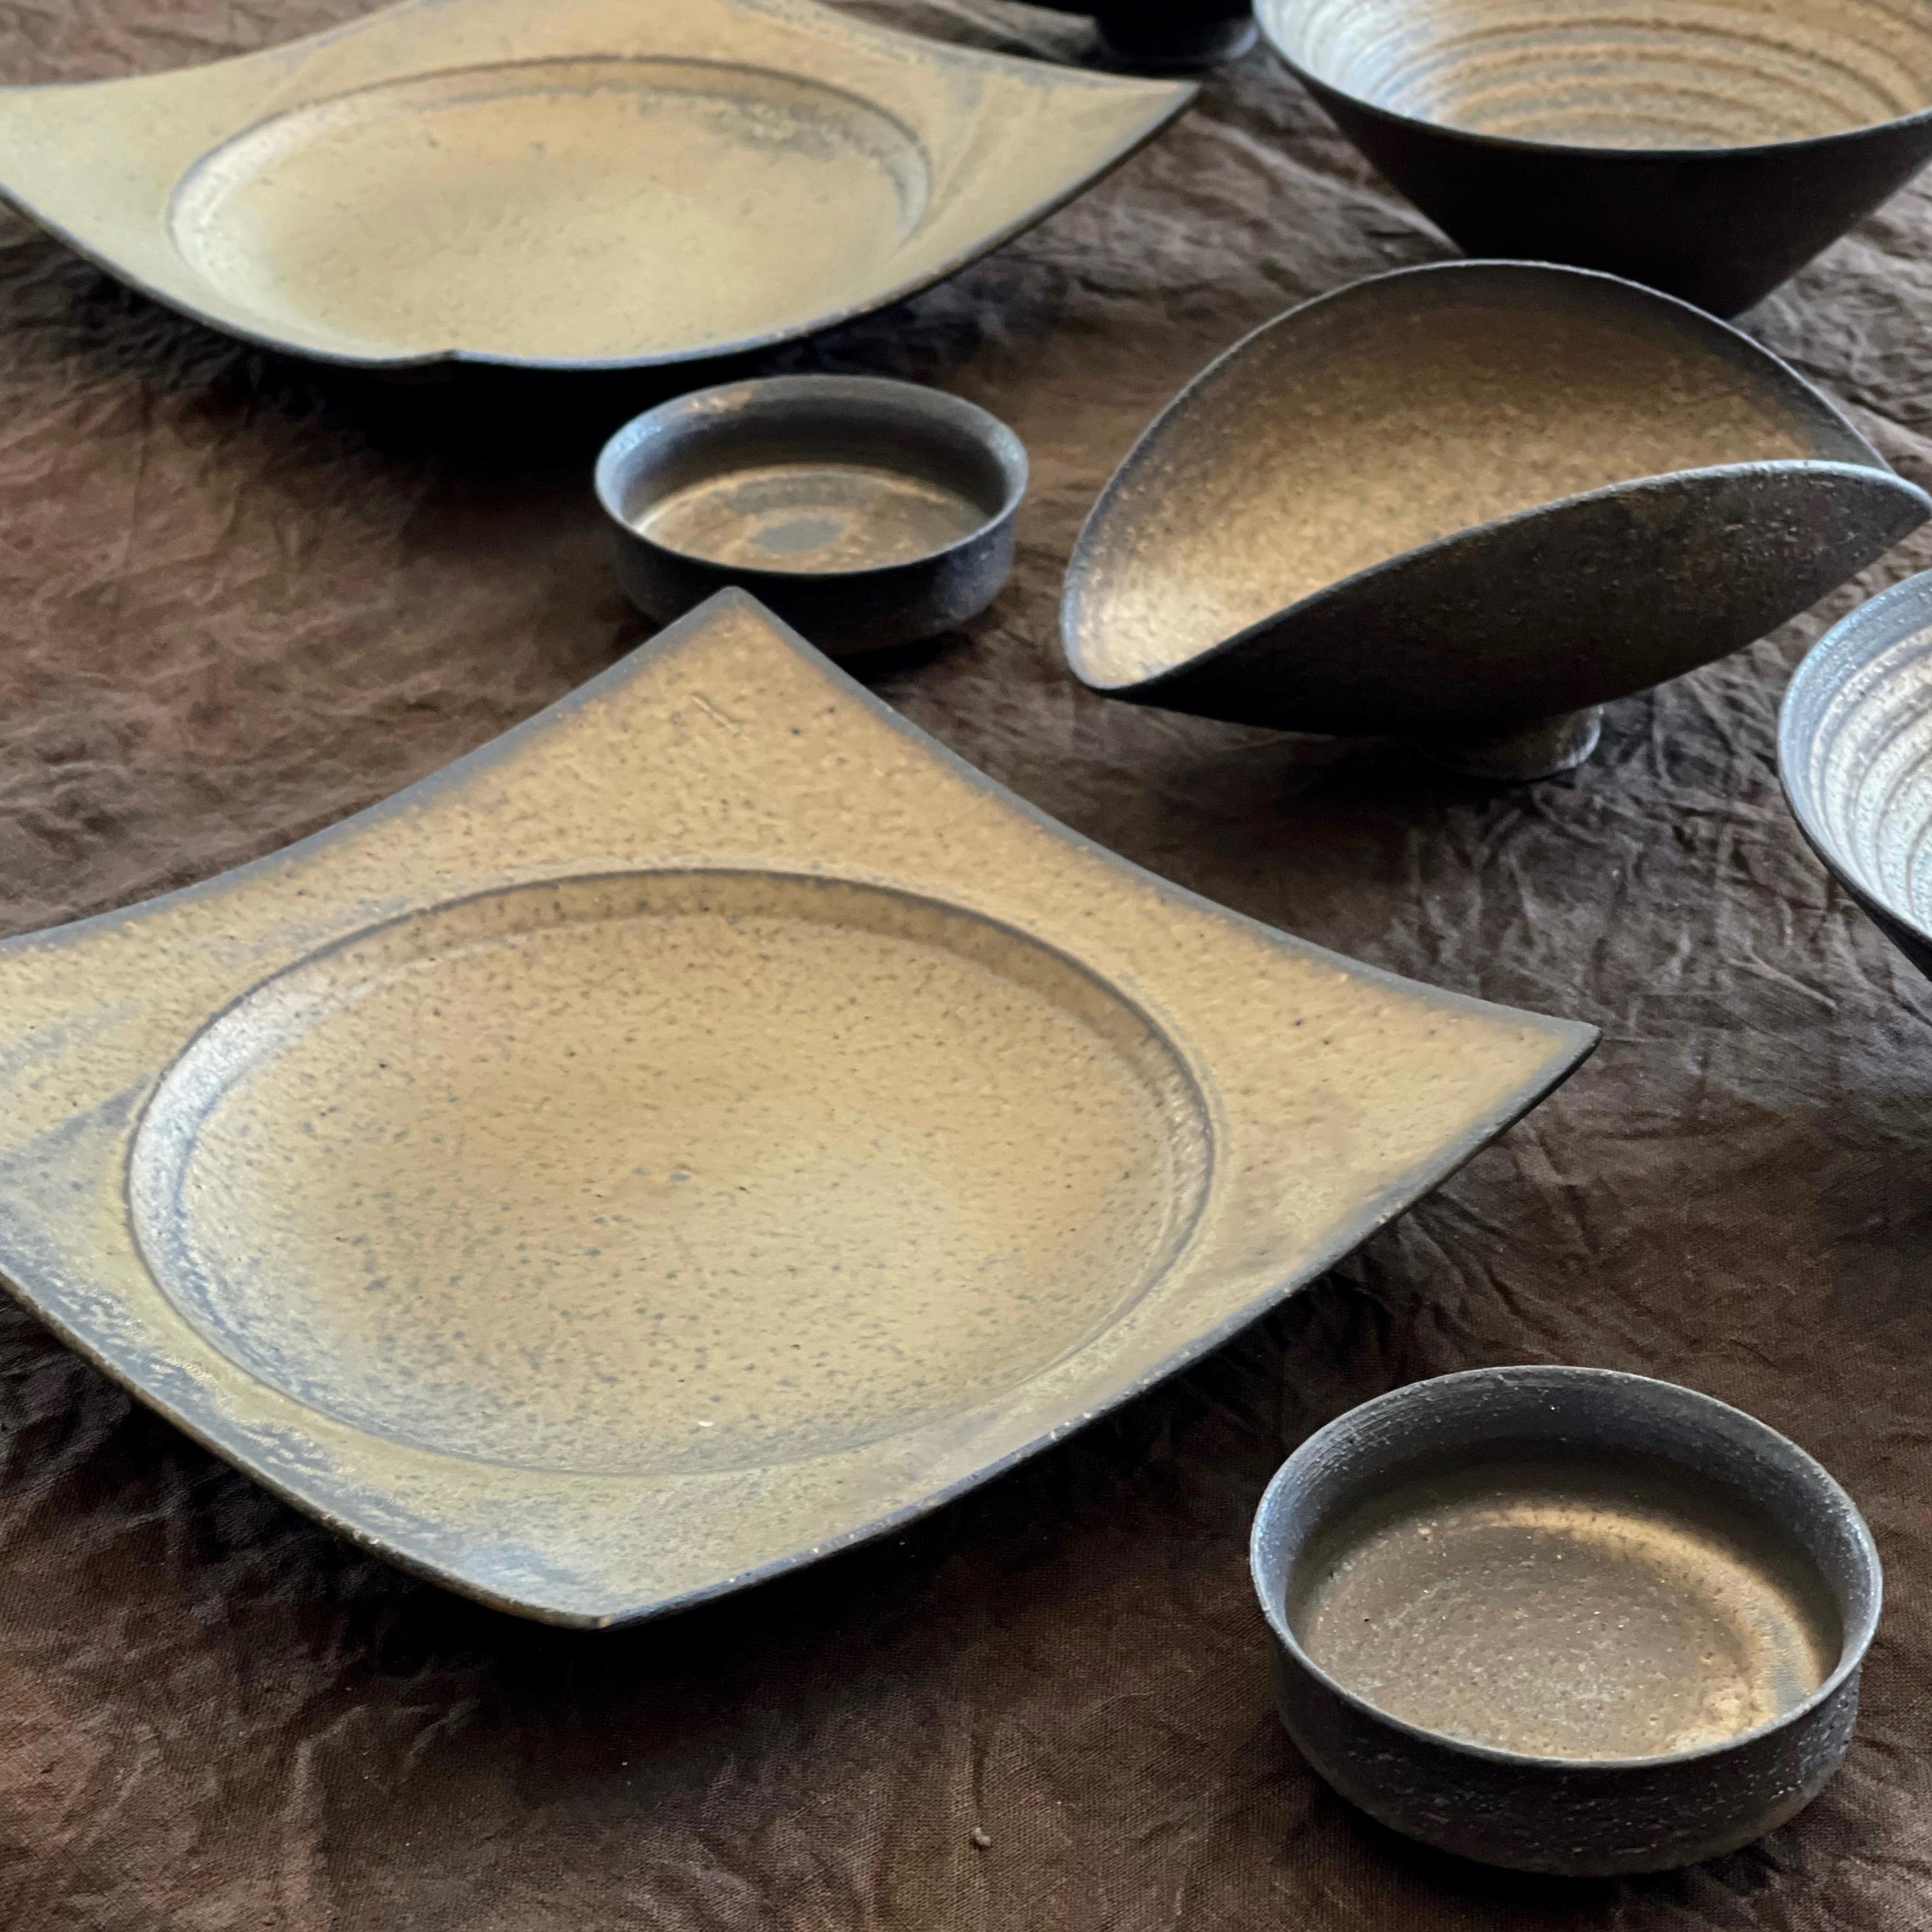 水野幸一陶展 銅彩釉の作品が追加されました